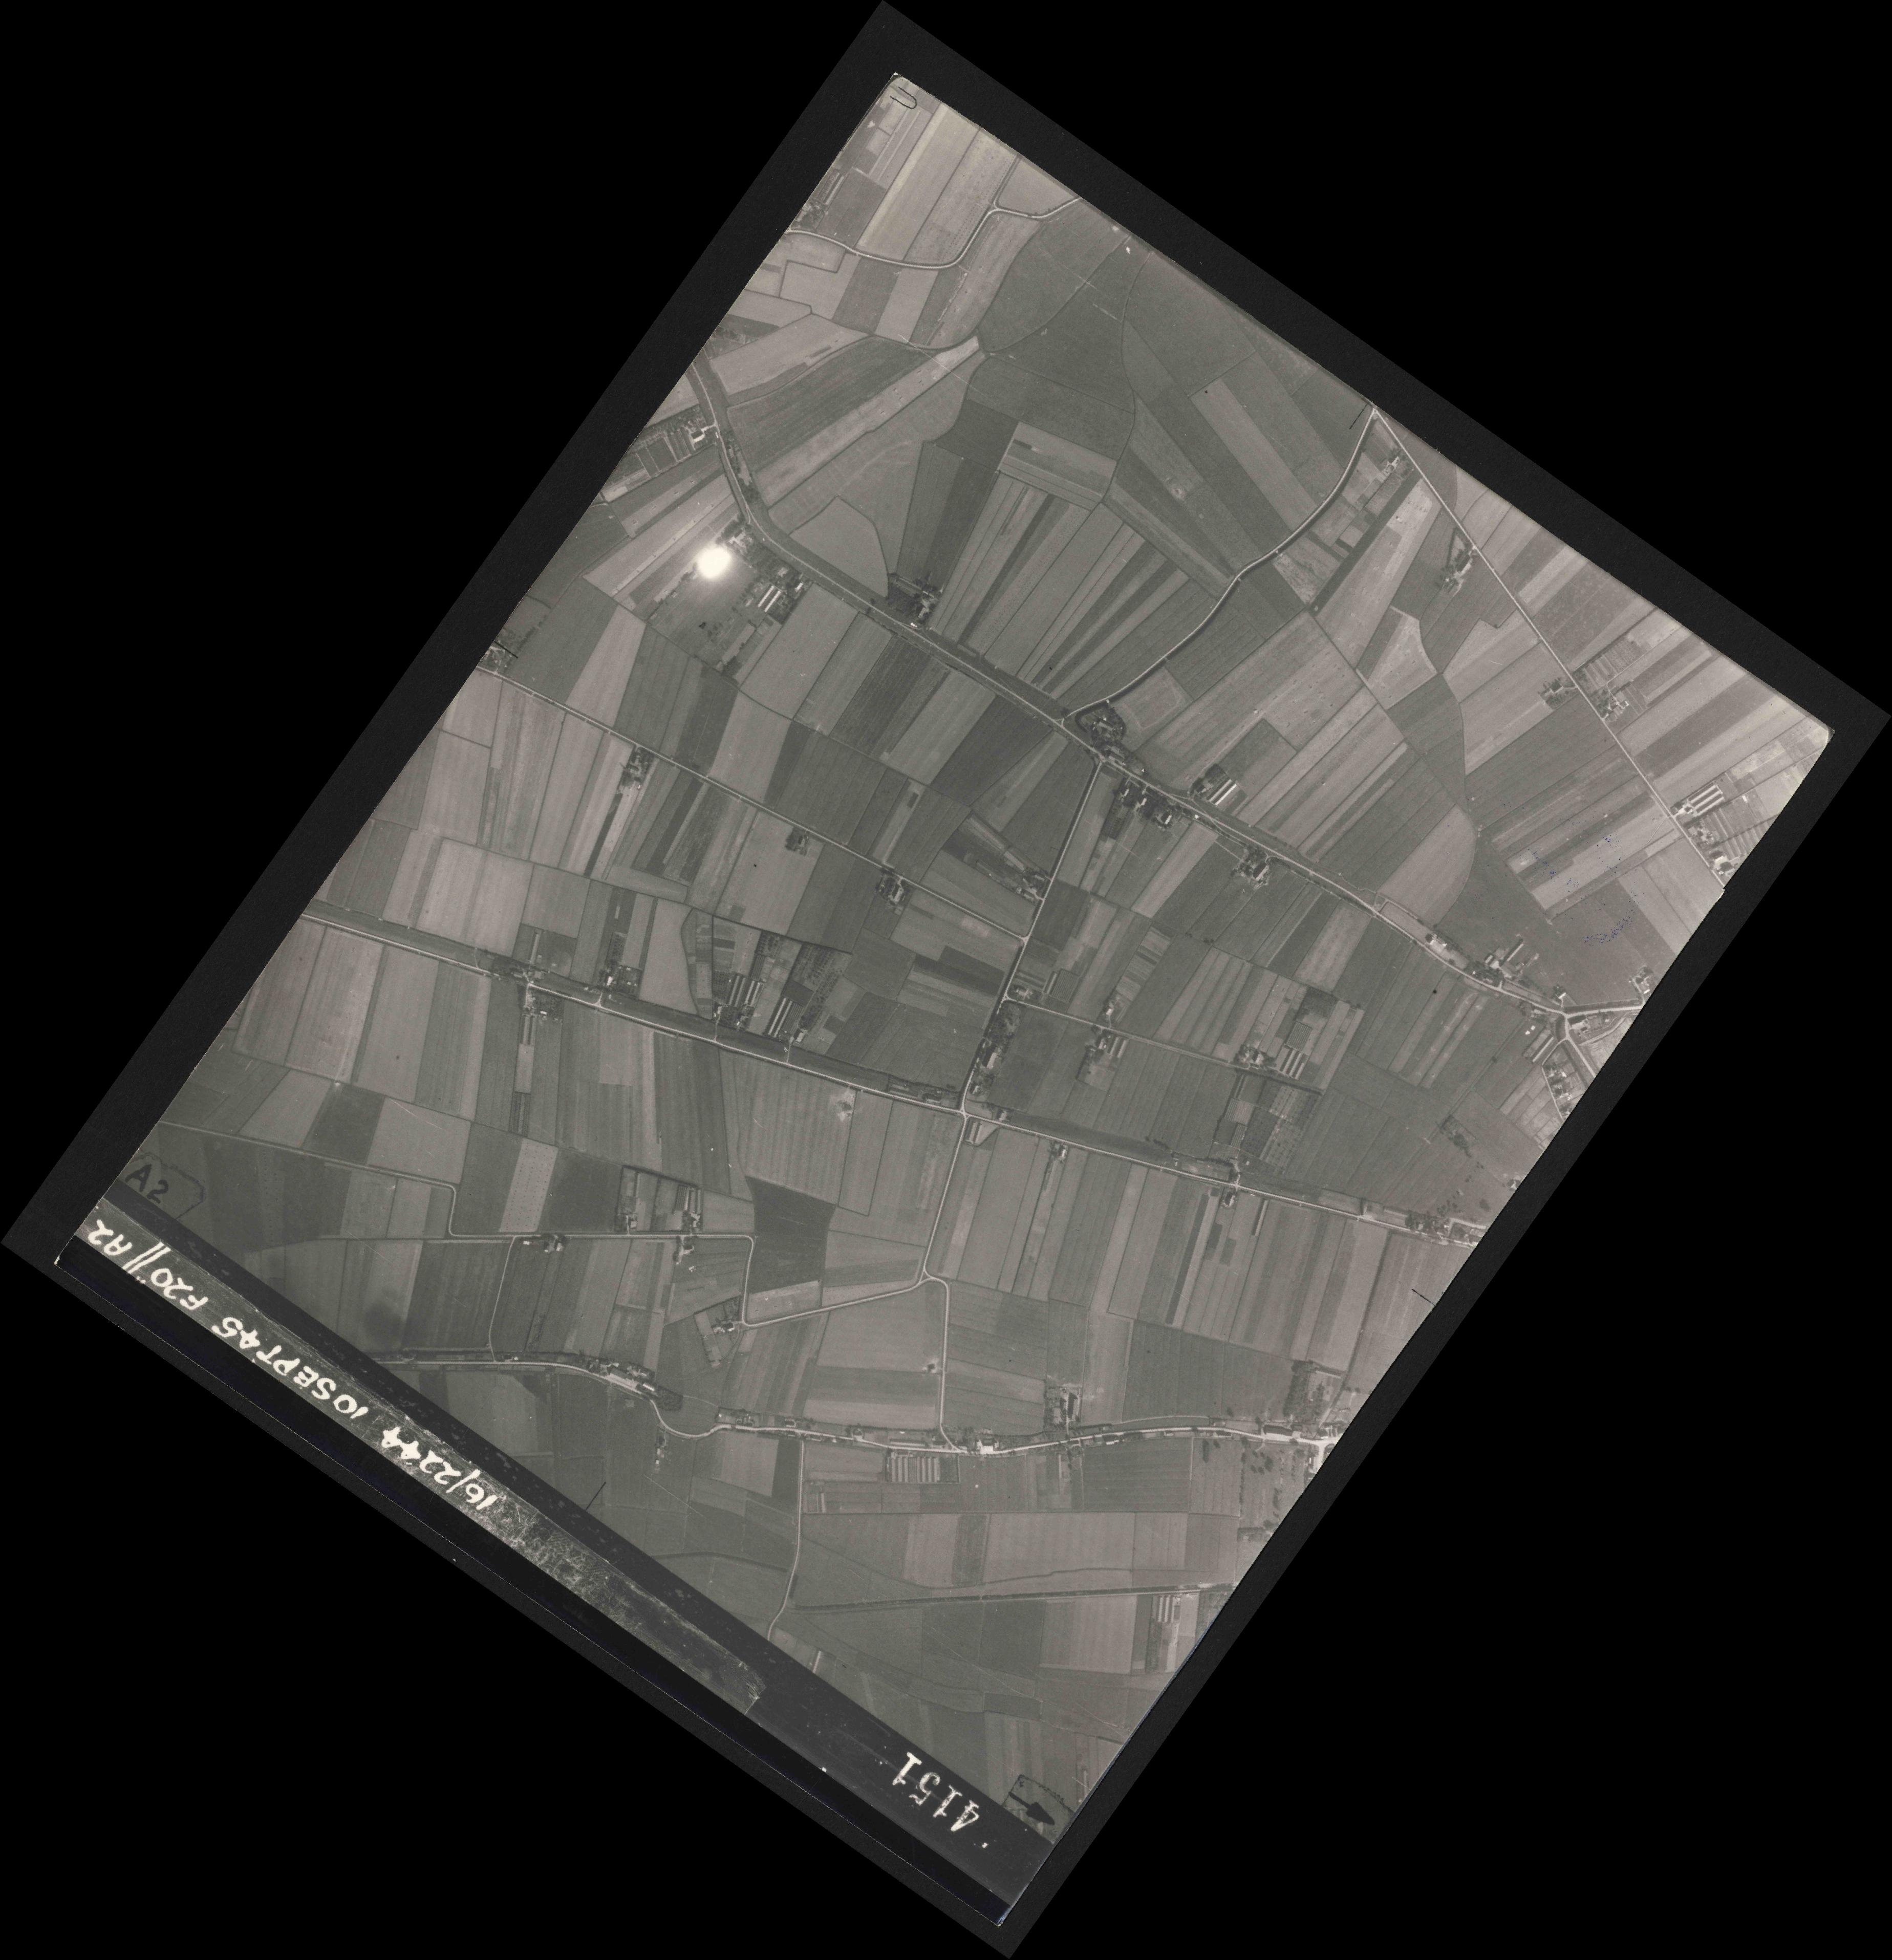 Collection RAF aerial photos 1940-1945 - flight 035, run 12, photo 4151